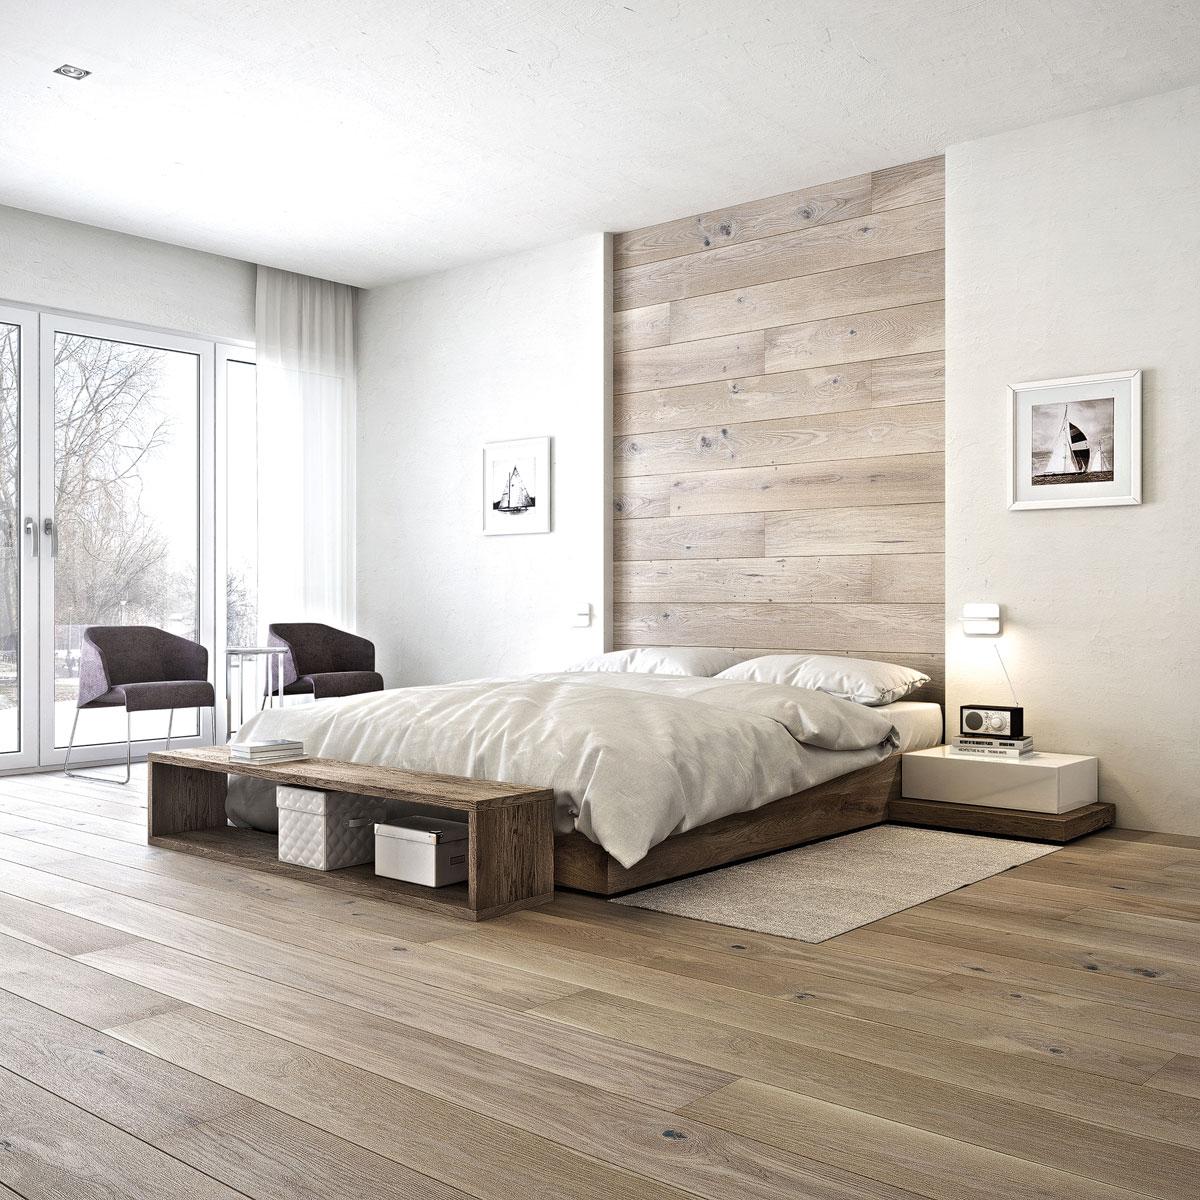 Charming Schlafzimmer Holzboden #8: MONARCH Fertigparkett